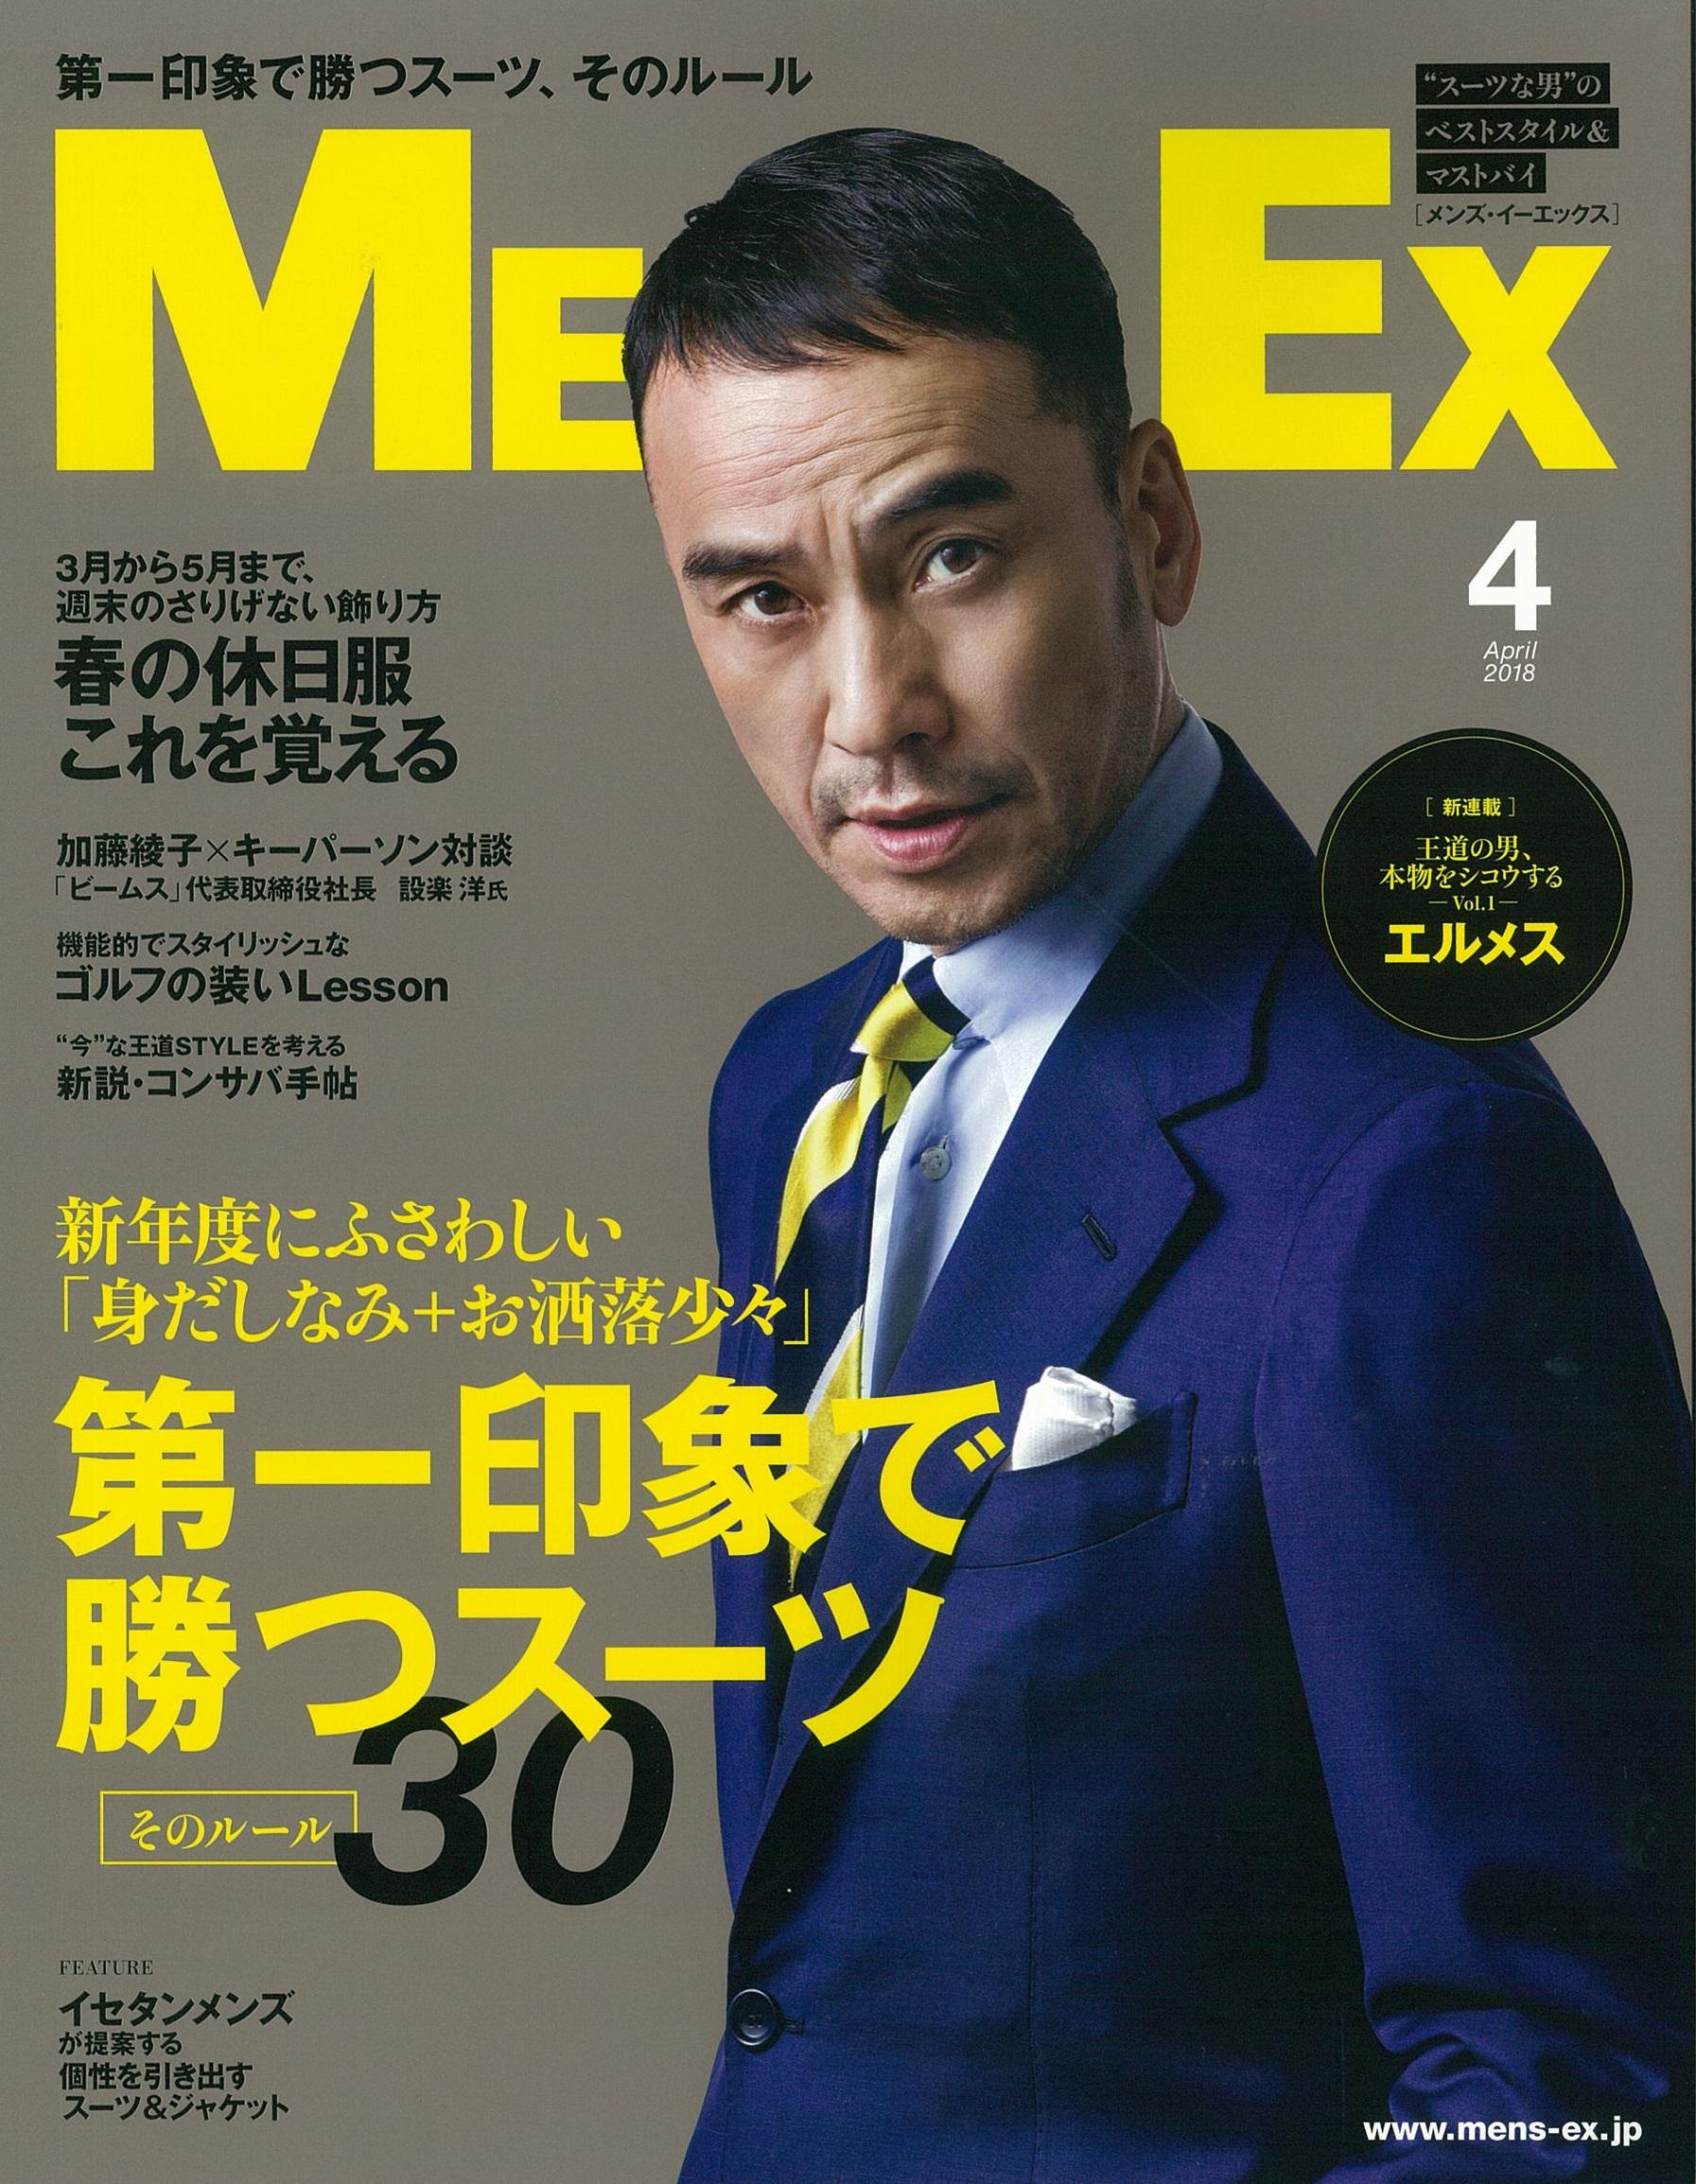 Men's EX 4月号 掲載